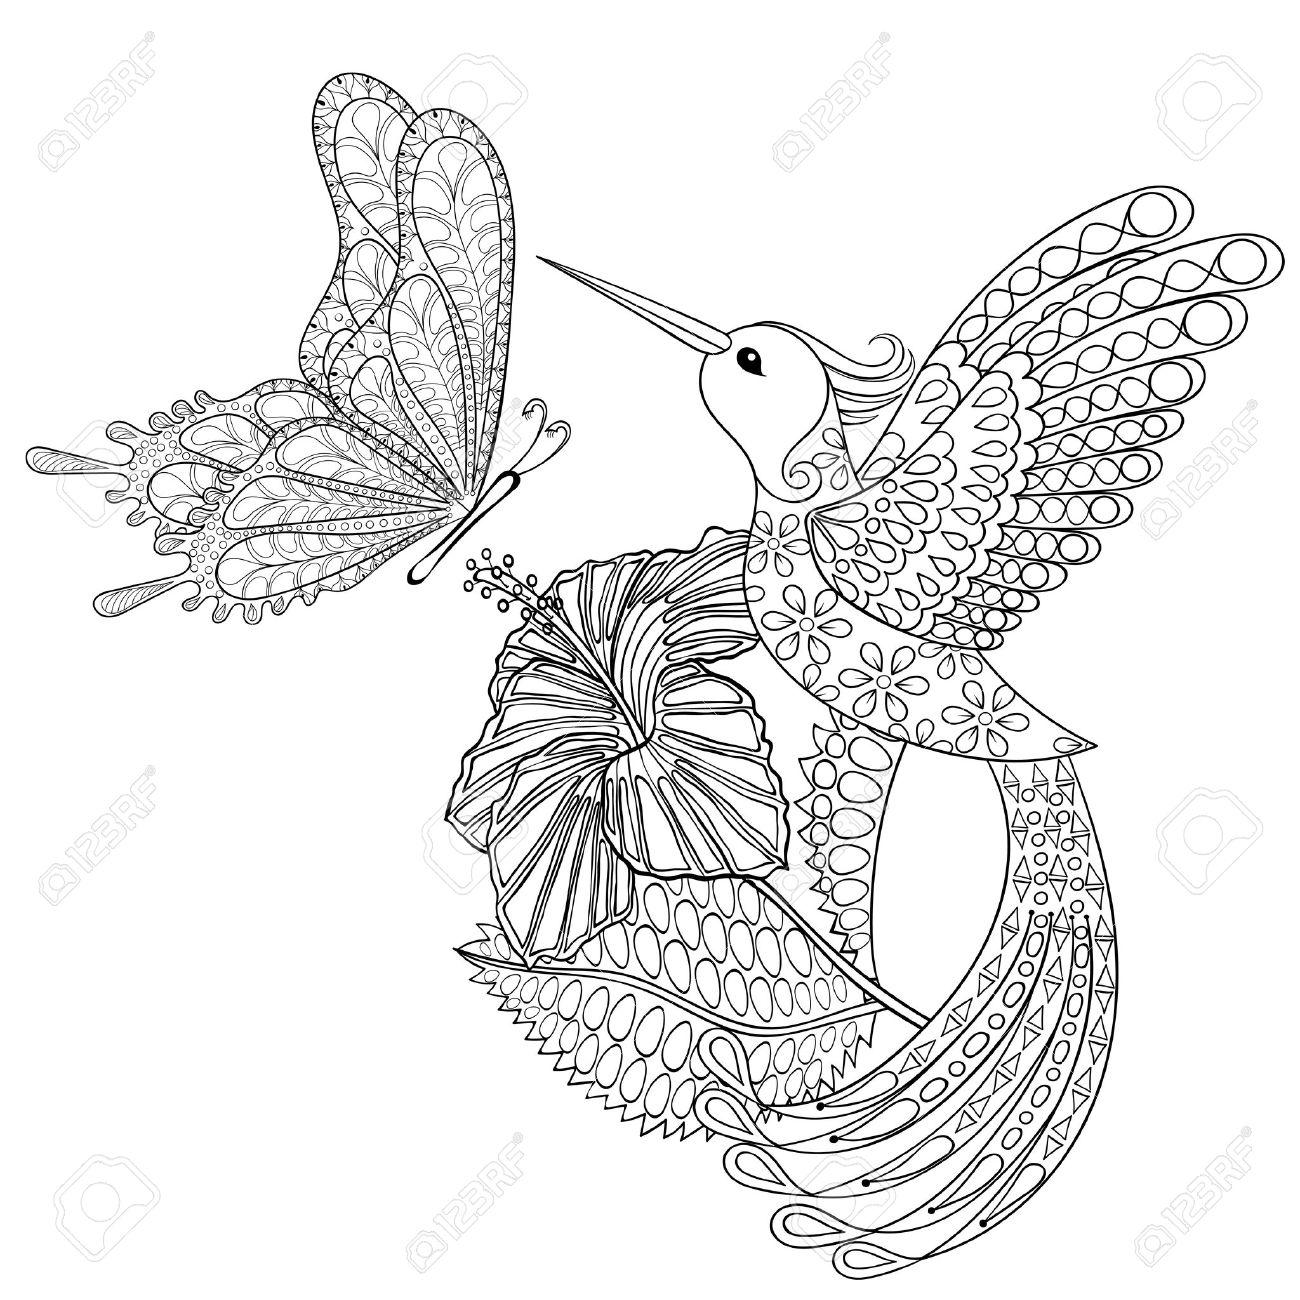 Dibujado A Mano Mariposa Voladora Tribal, Colibrí En Hibiskus De ...